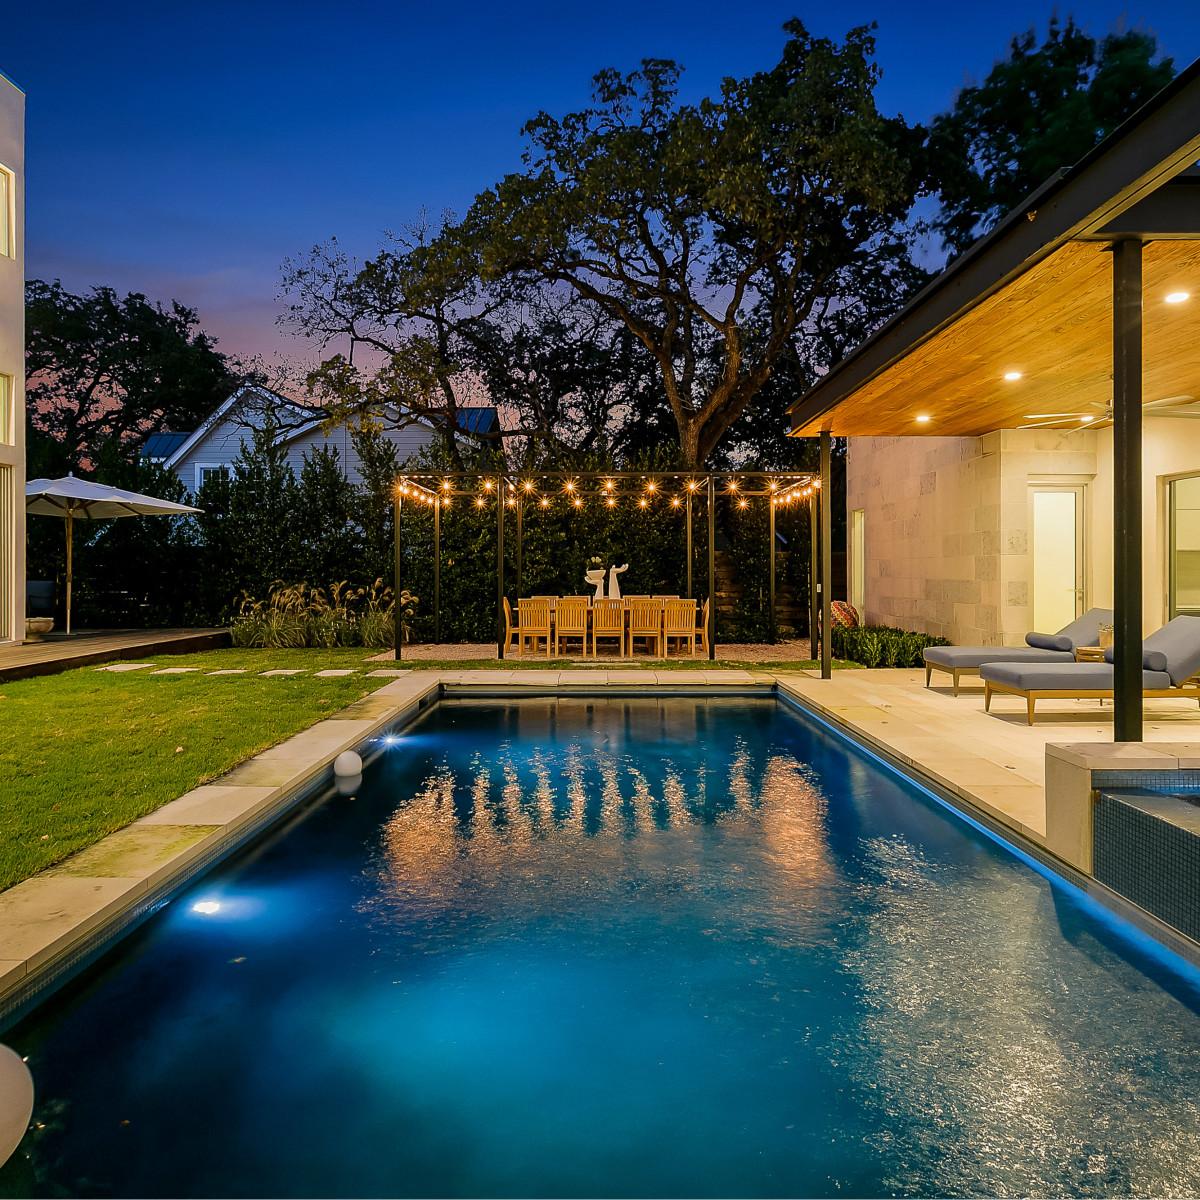 Austin house_1309 Meriden